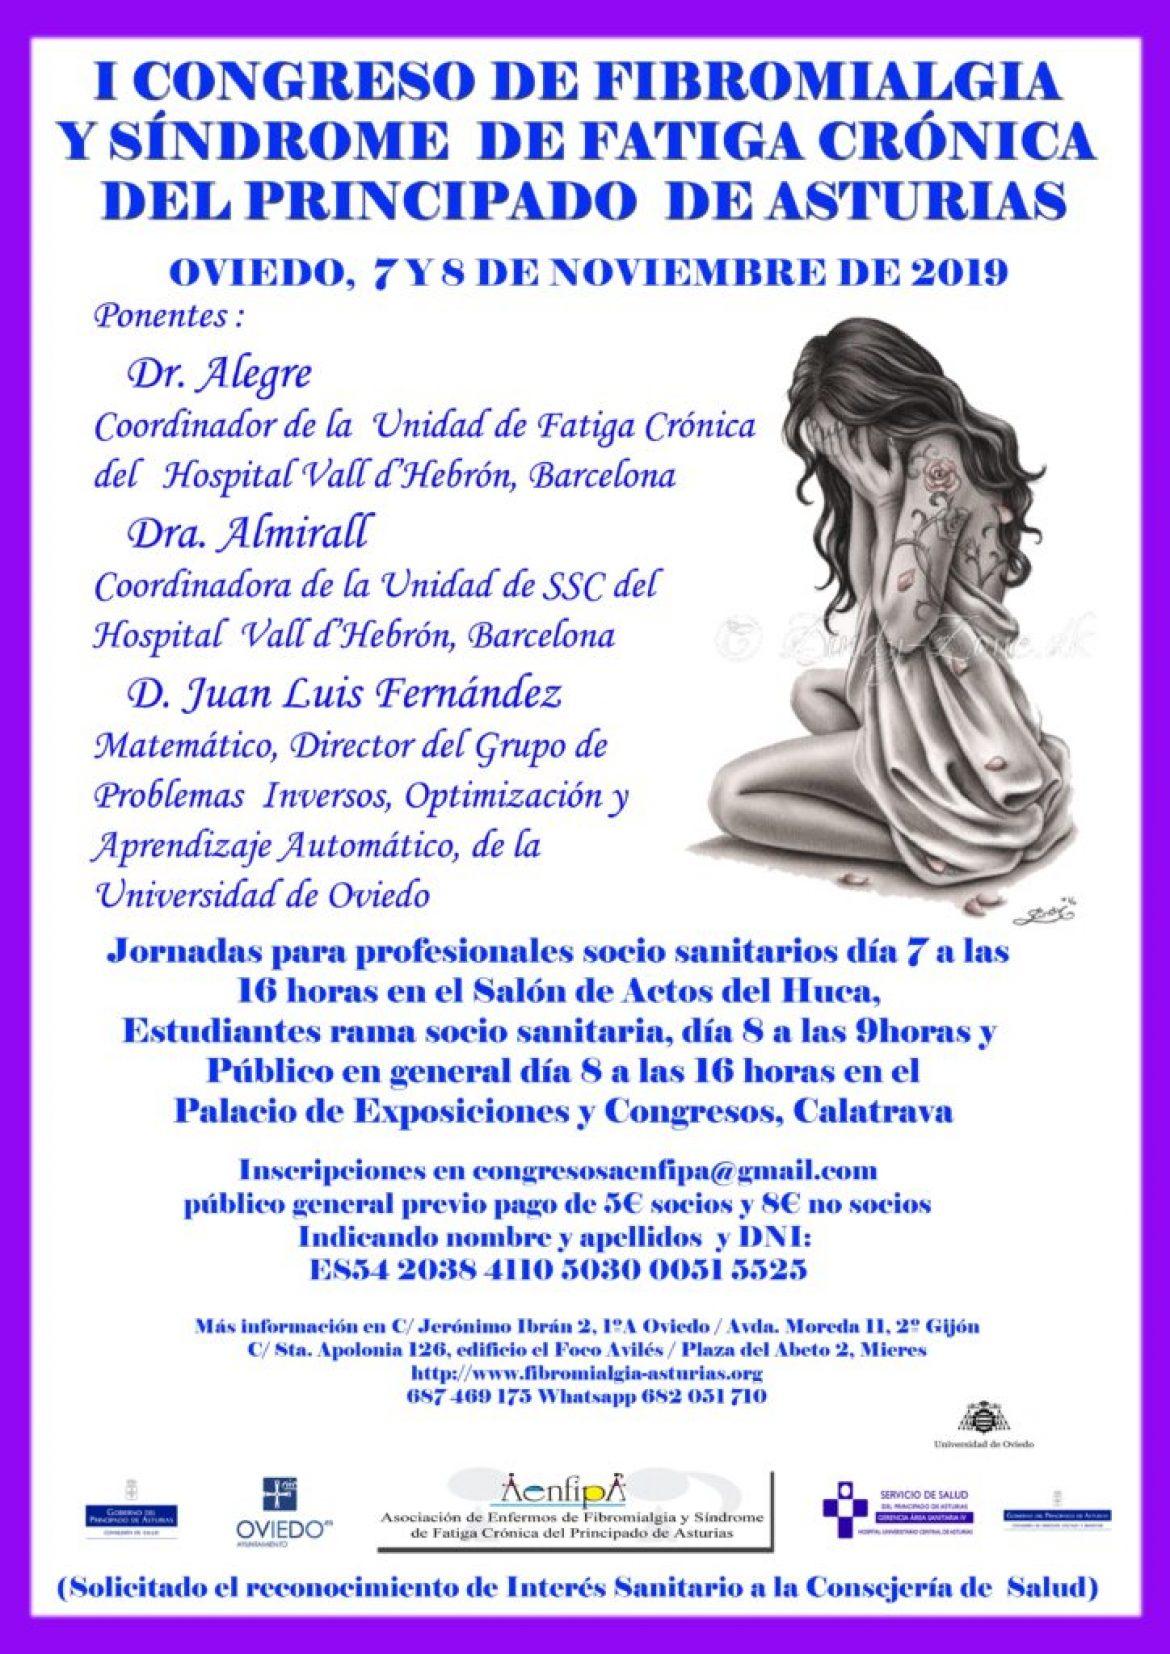 I Congreso de Fibromialgia y Síndrome de Fatiga Crónica 7 y 8 de Noviembre